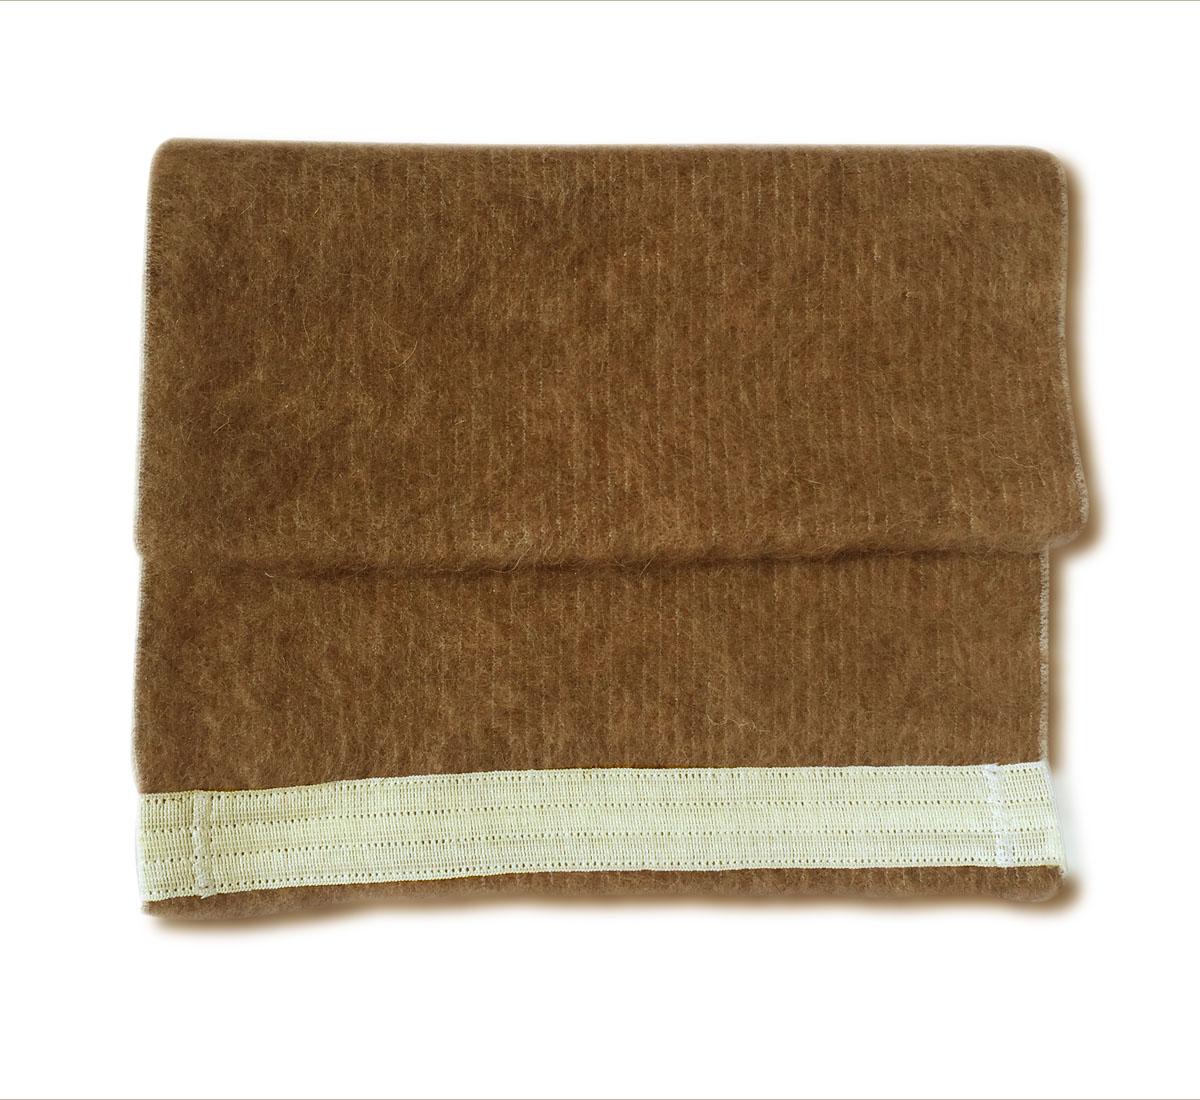 Пояс-бандаж согревающий, верблюжья шерсть, размер 1 (талия 60-67) (ИМН)